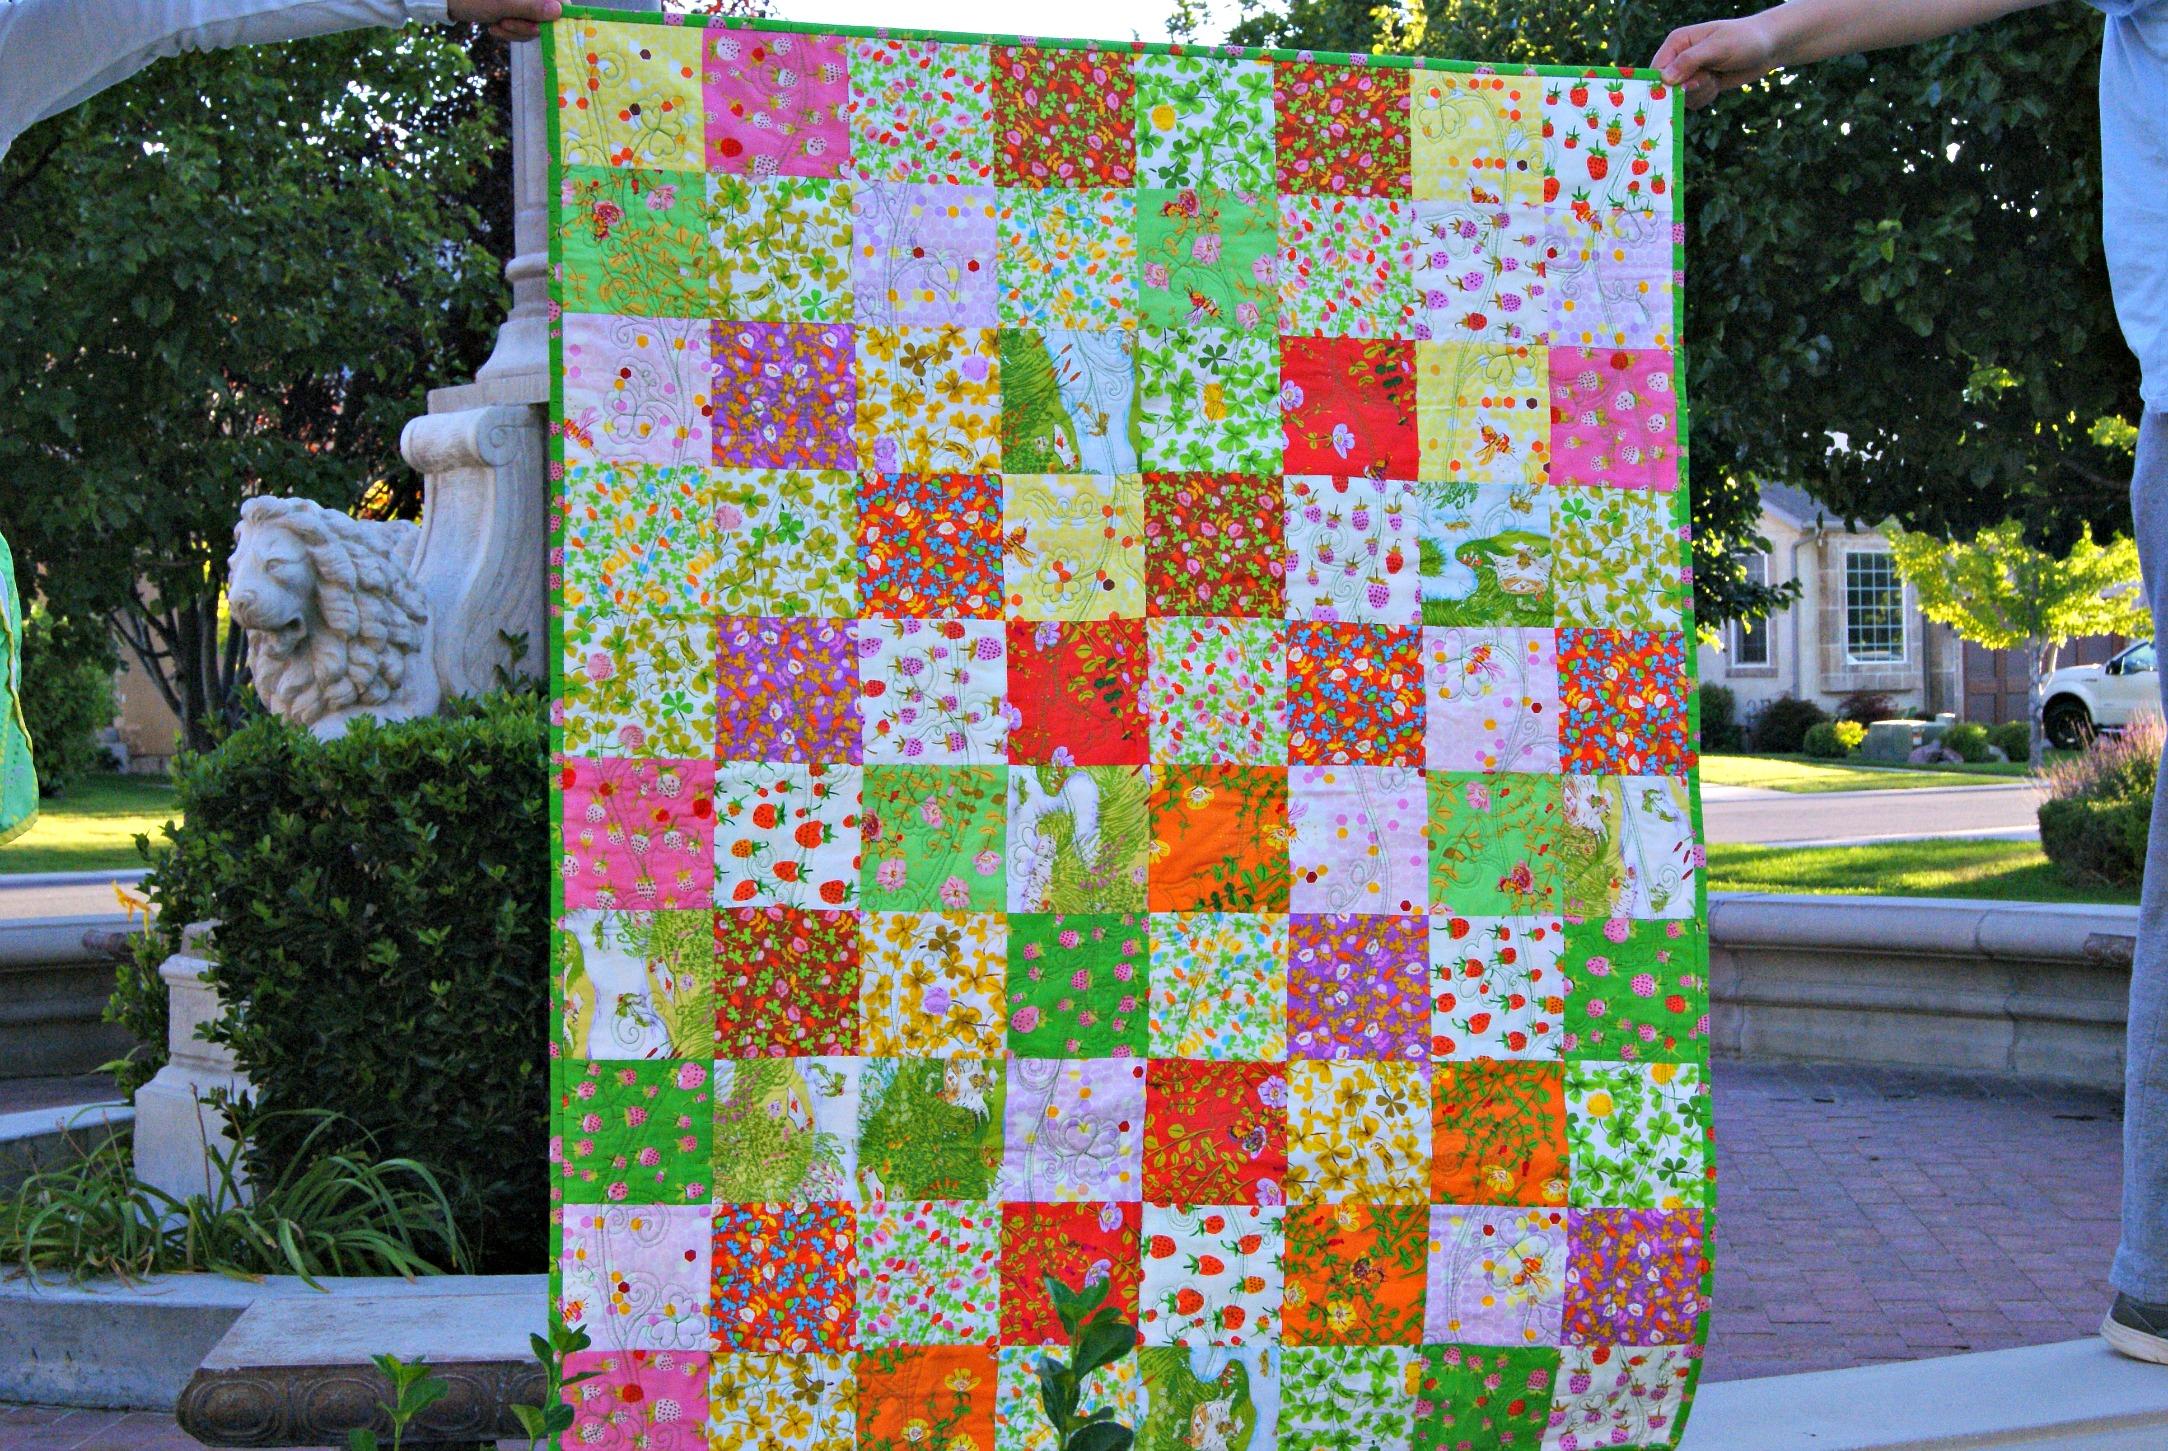 Briar Rose quilt made by Cara Brooke @ thatcraftycara.com